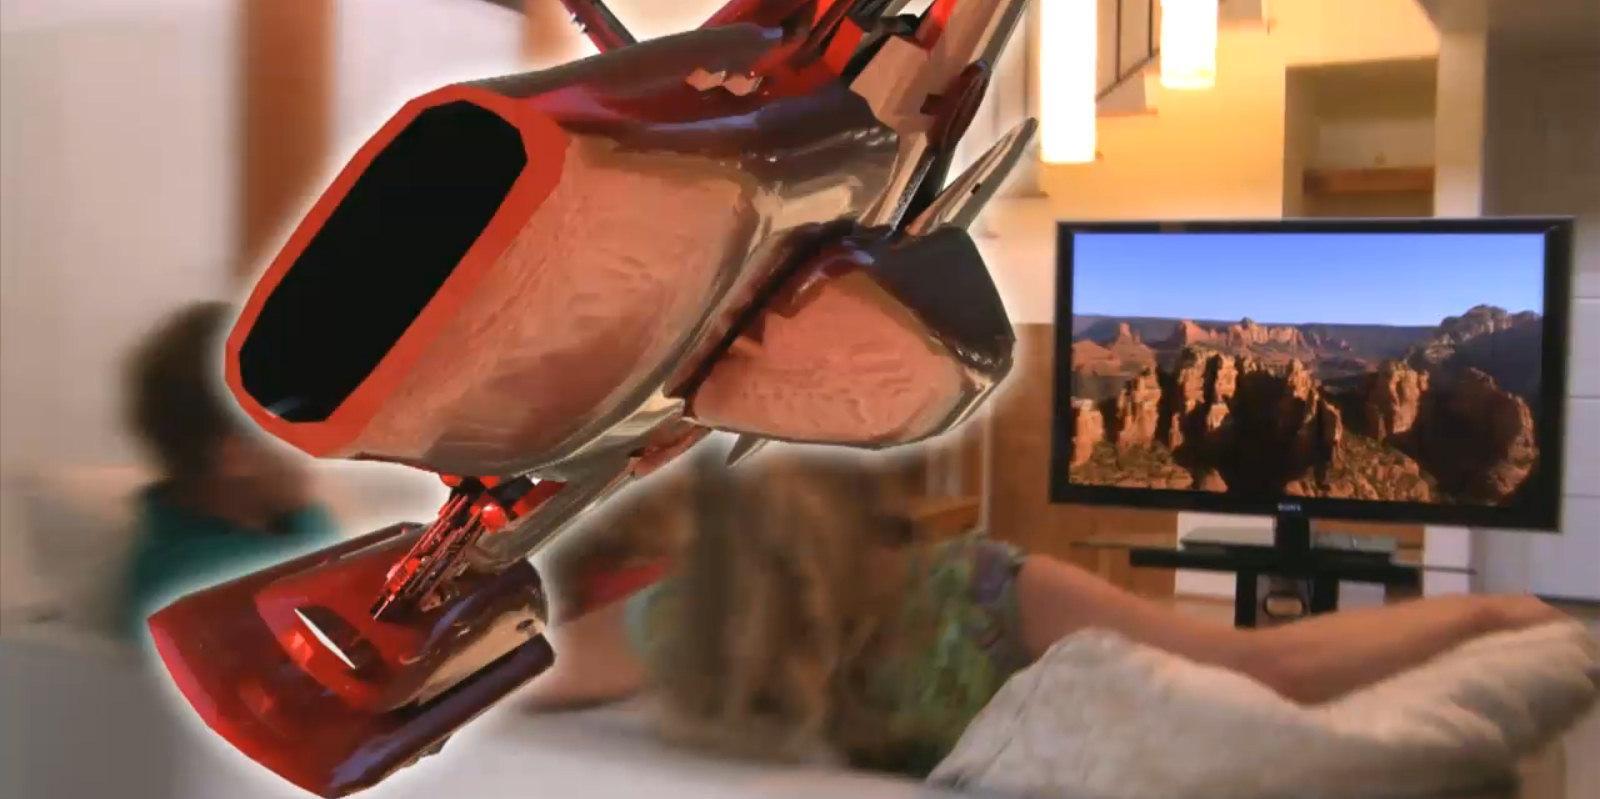 – Utenkelig at 3D-TV ikke tar av